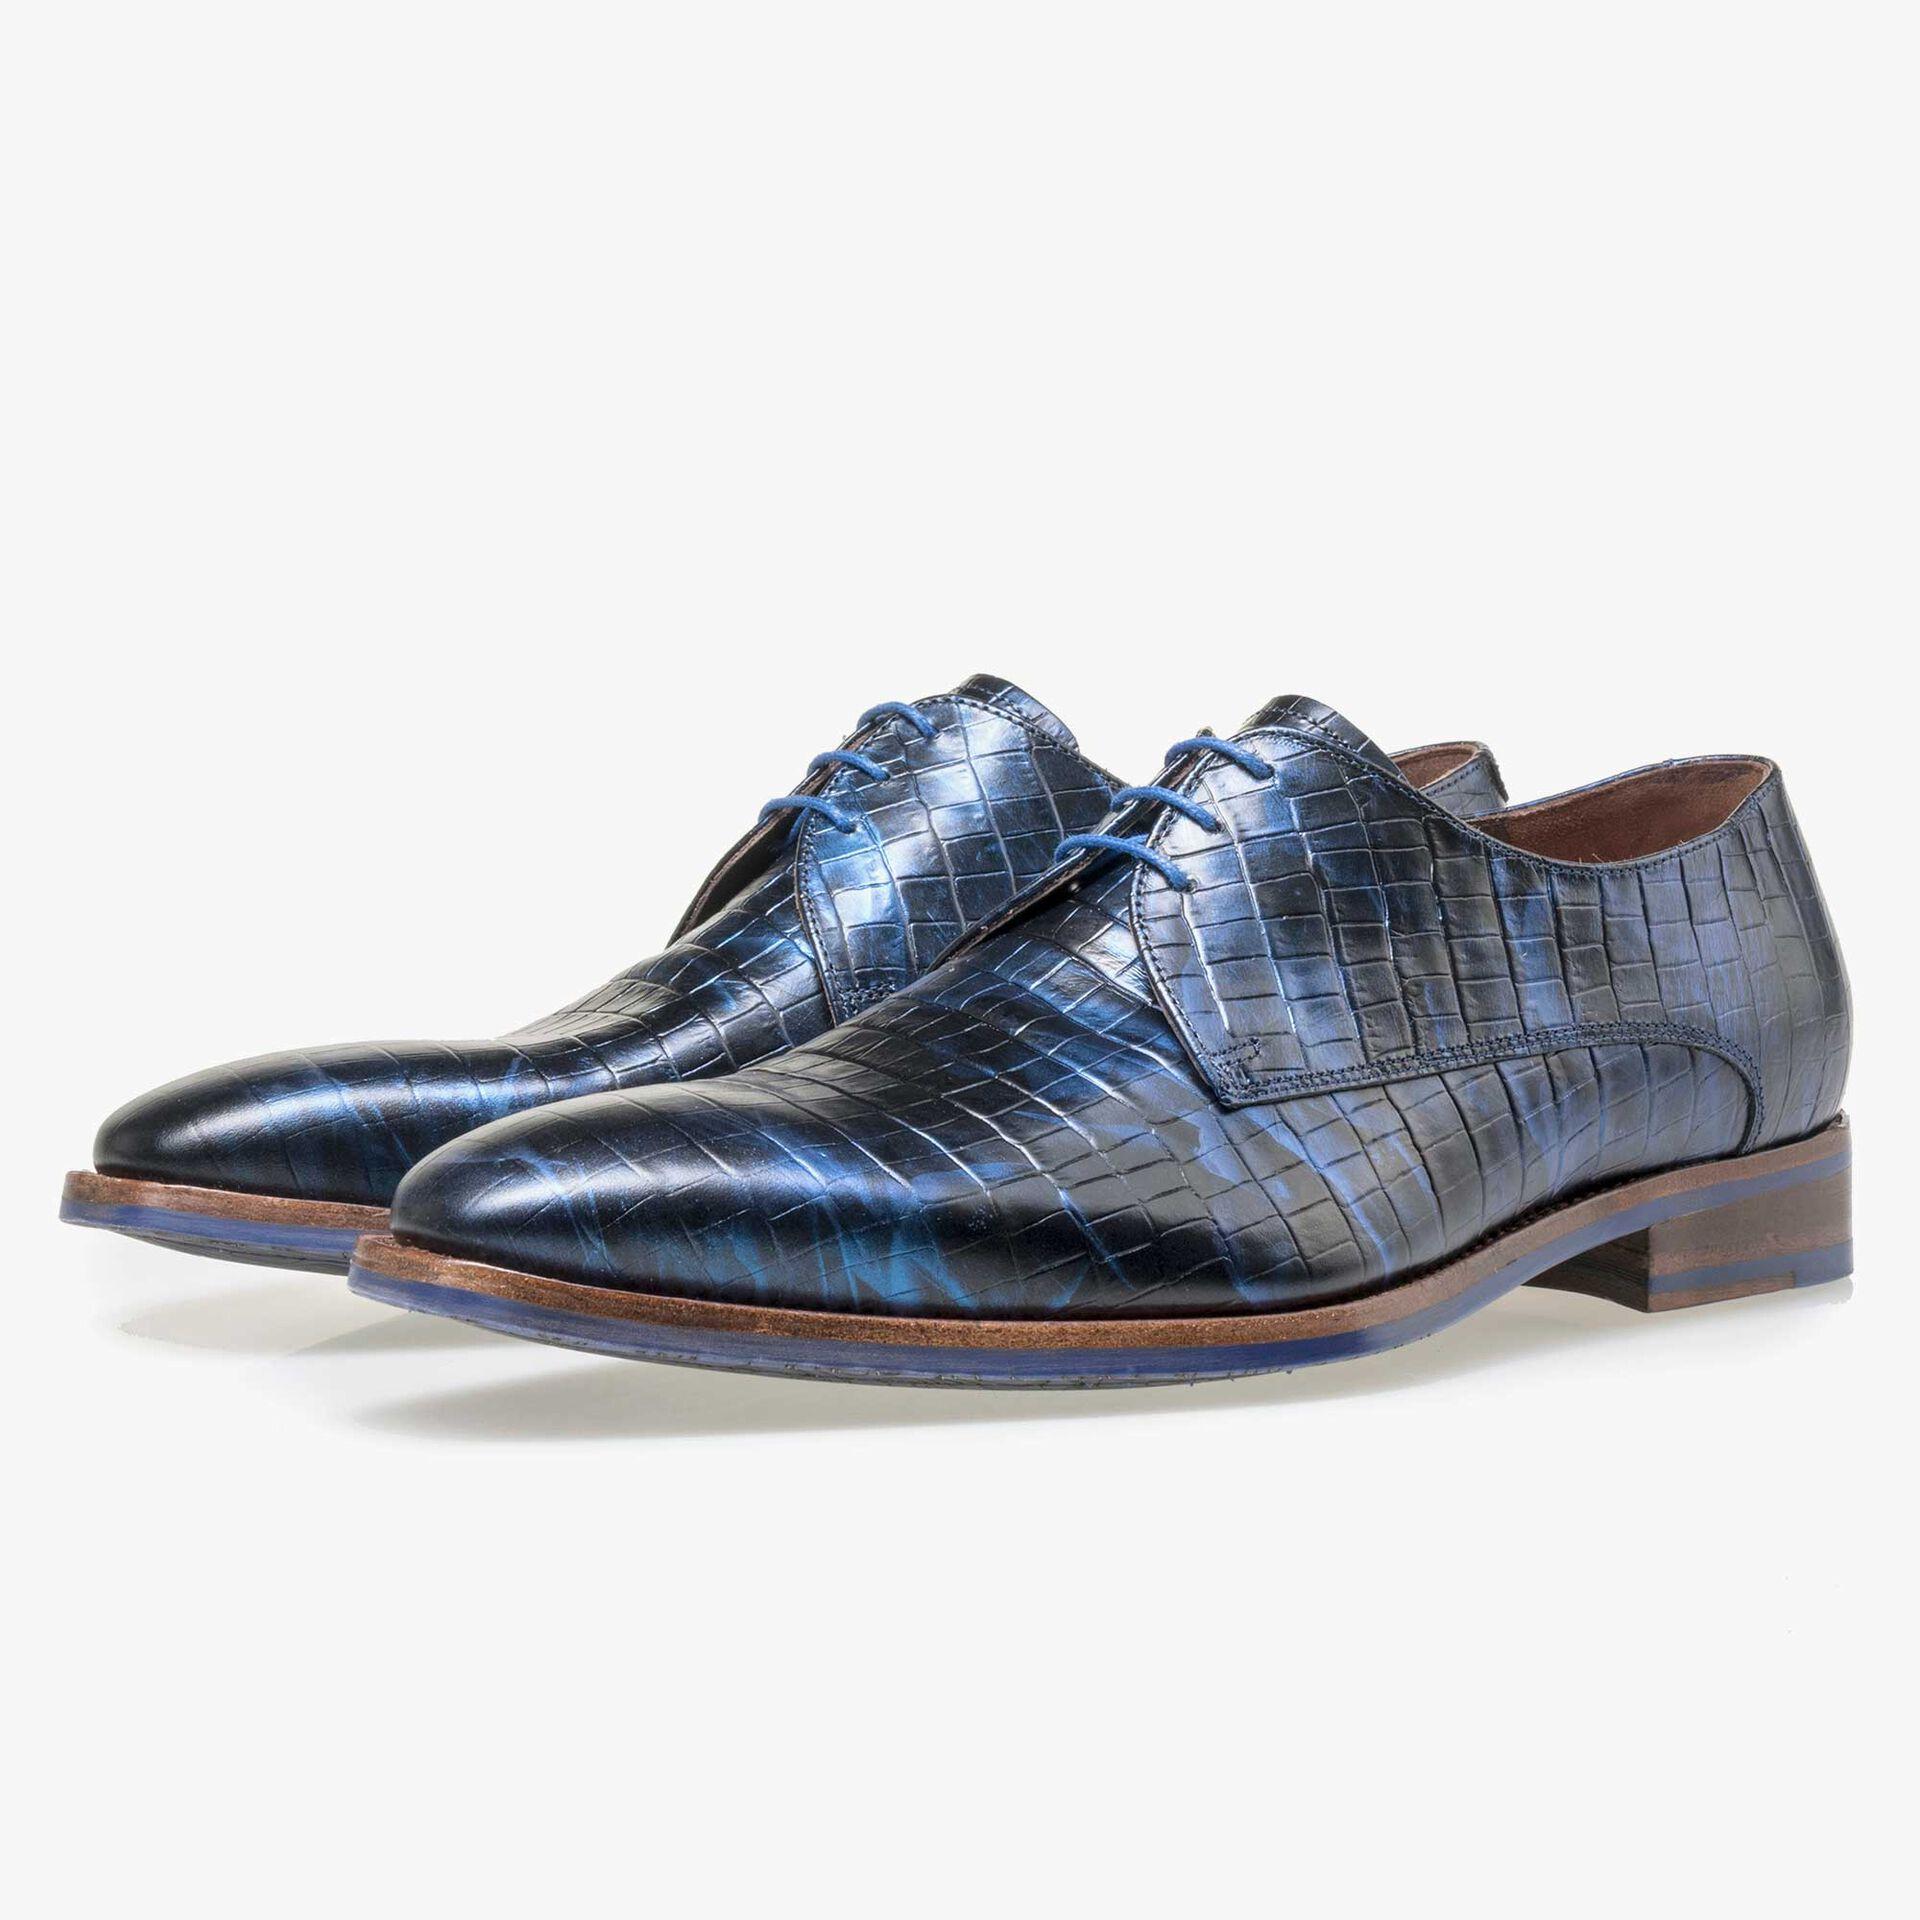 Floris van Bommel Premium men's blue leather lace shoes with a metallic look